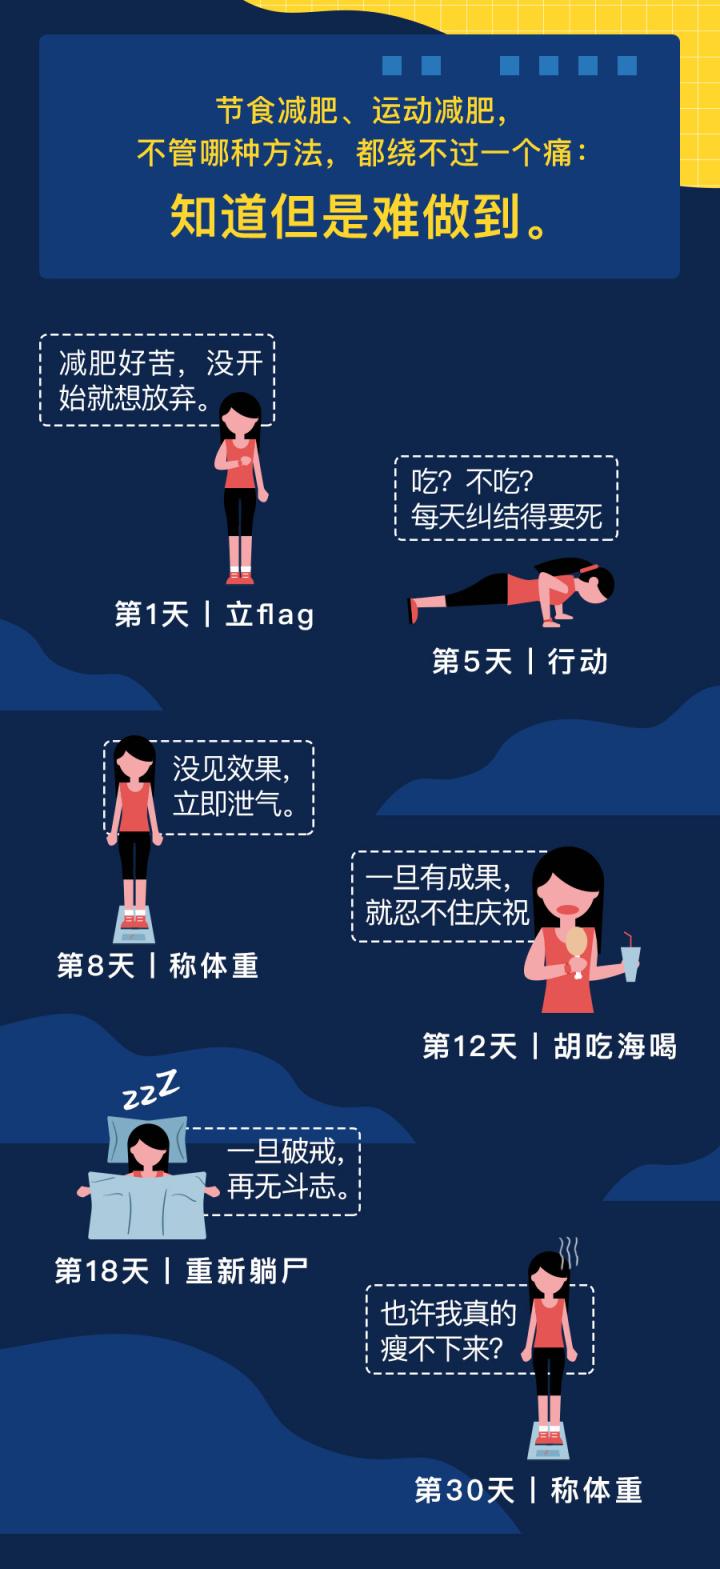 【学院】减肥课-上半部分-20190402_01.jpg